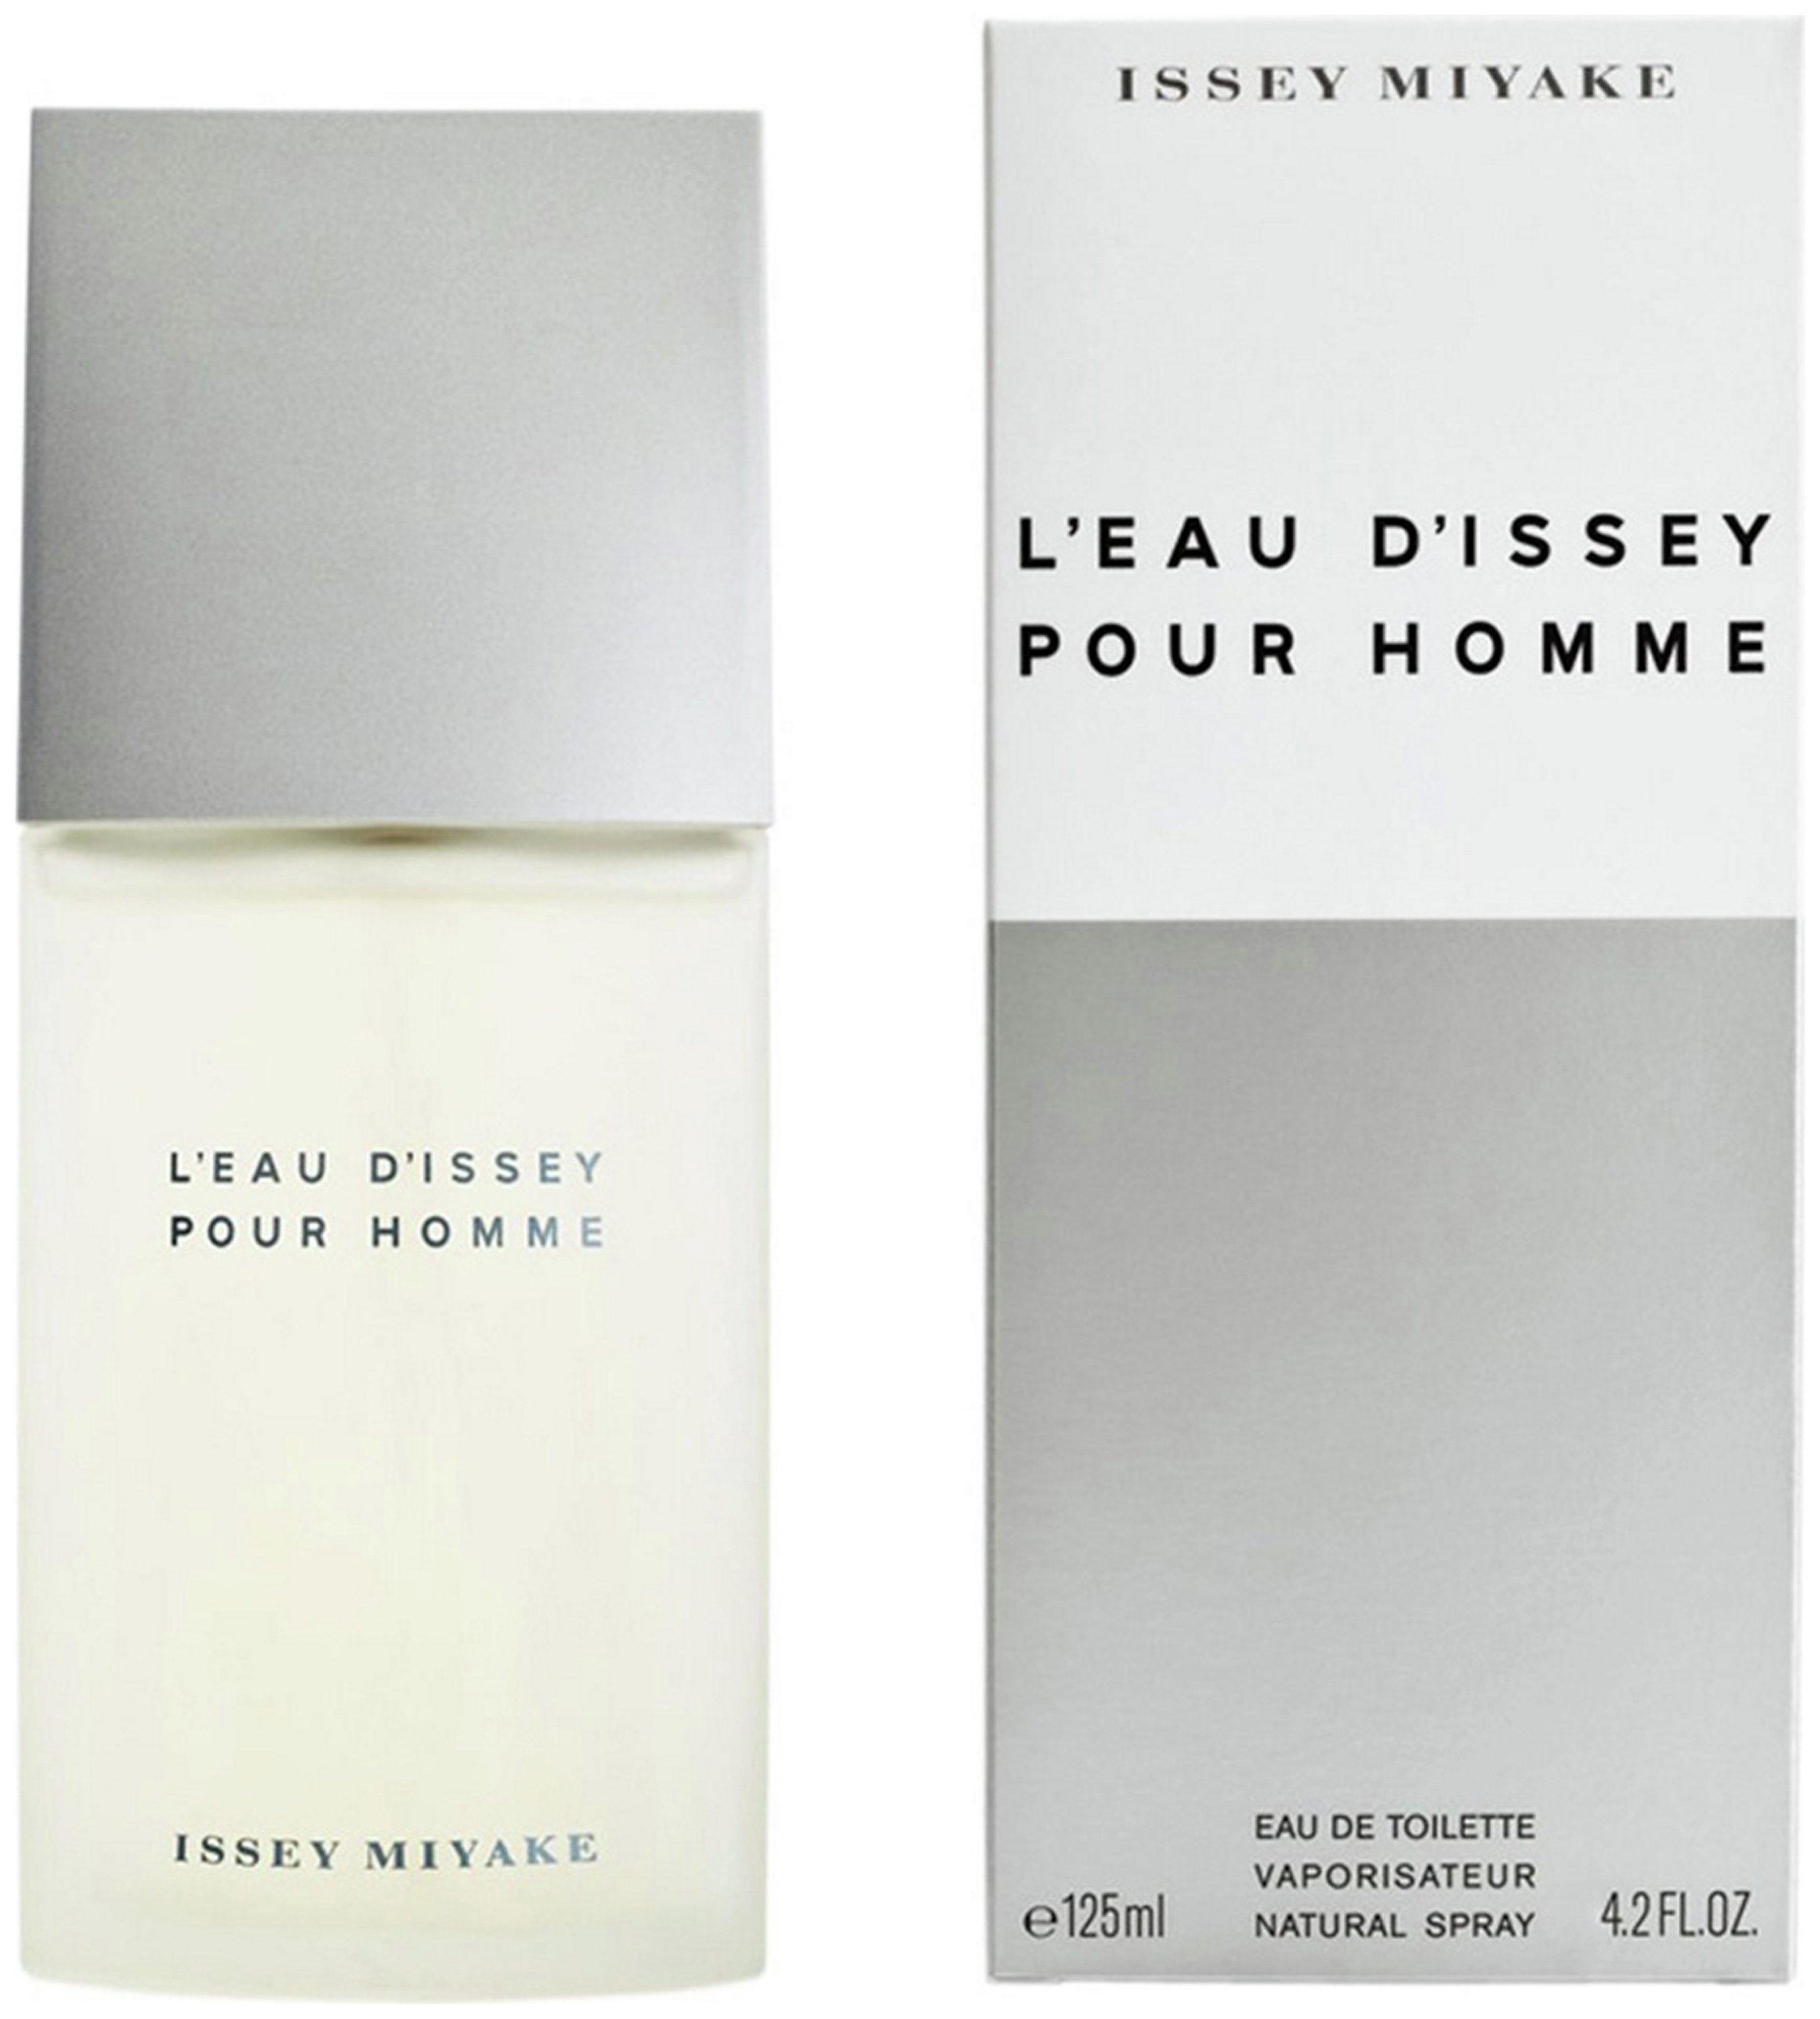 Issey Miyake Eau de Toilette for Men - 125ml